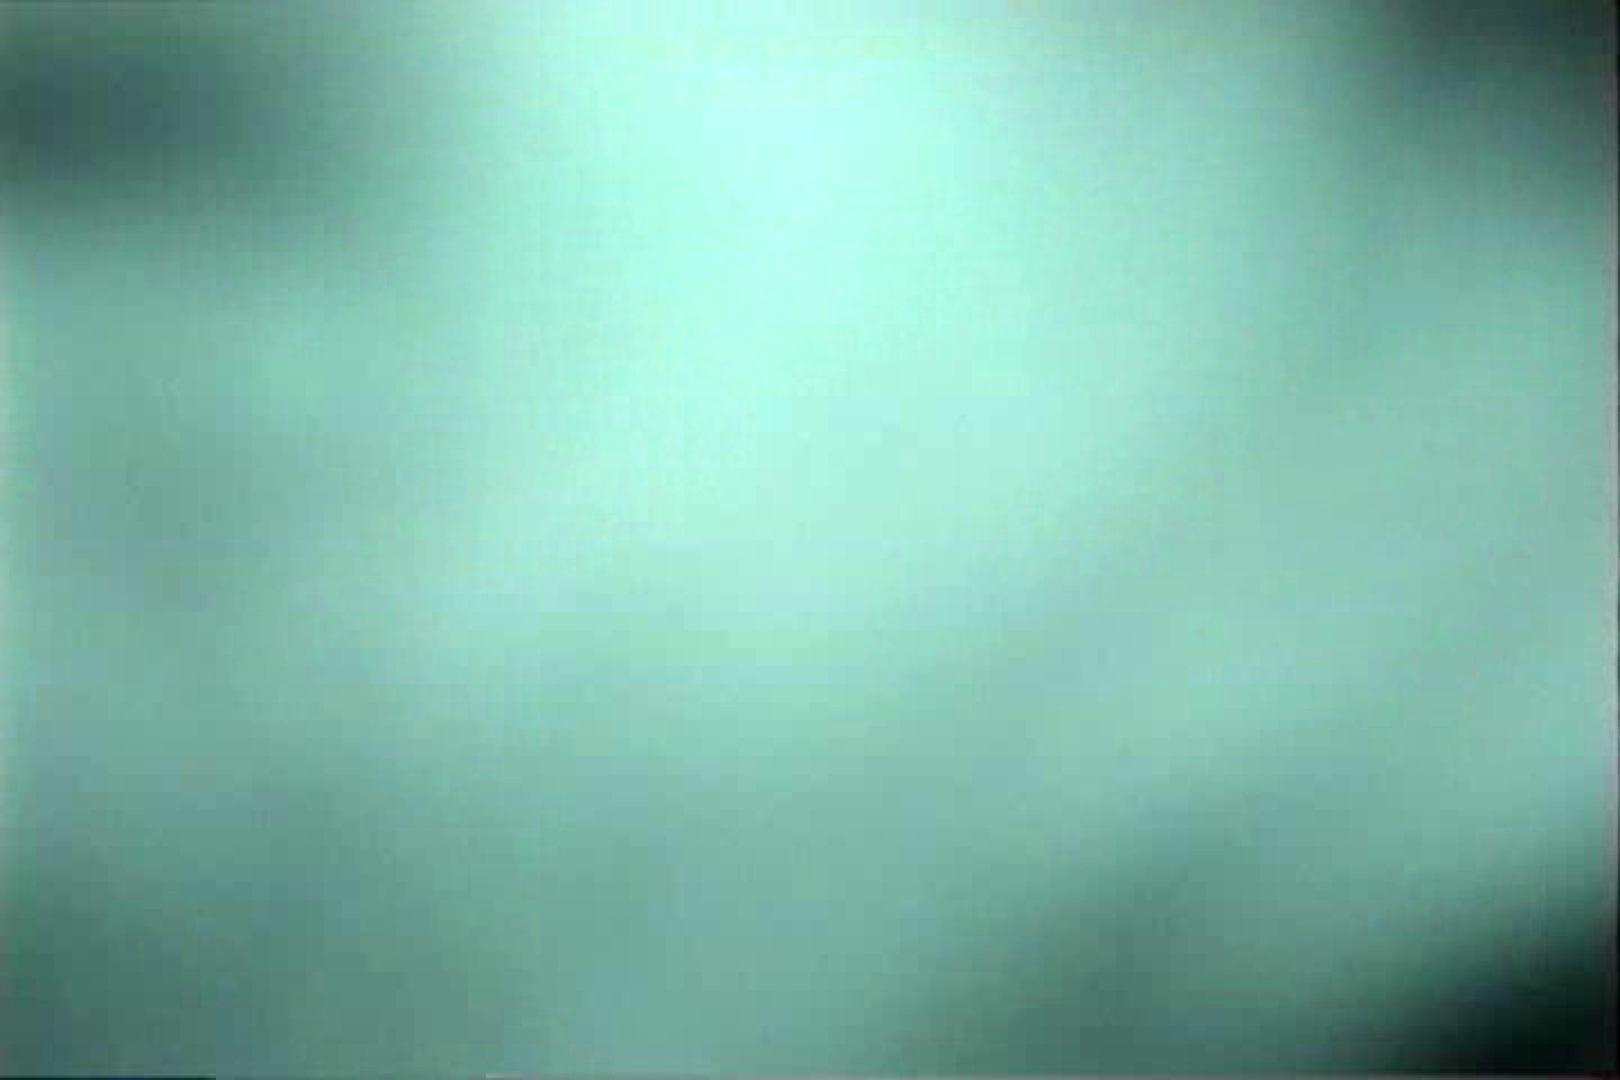 「充血監督」さんの深夜の運動会!! vol.142 ギャル達 | カップルのsex  108枚 41